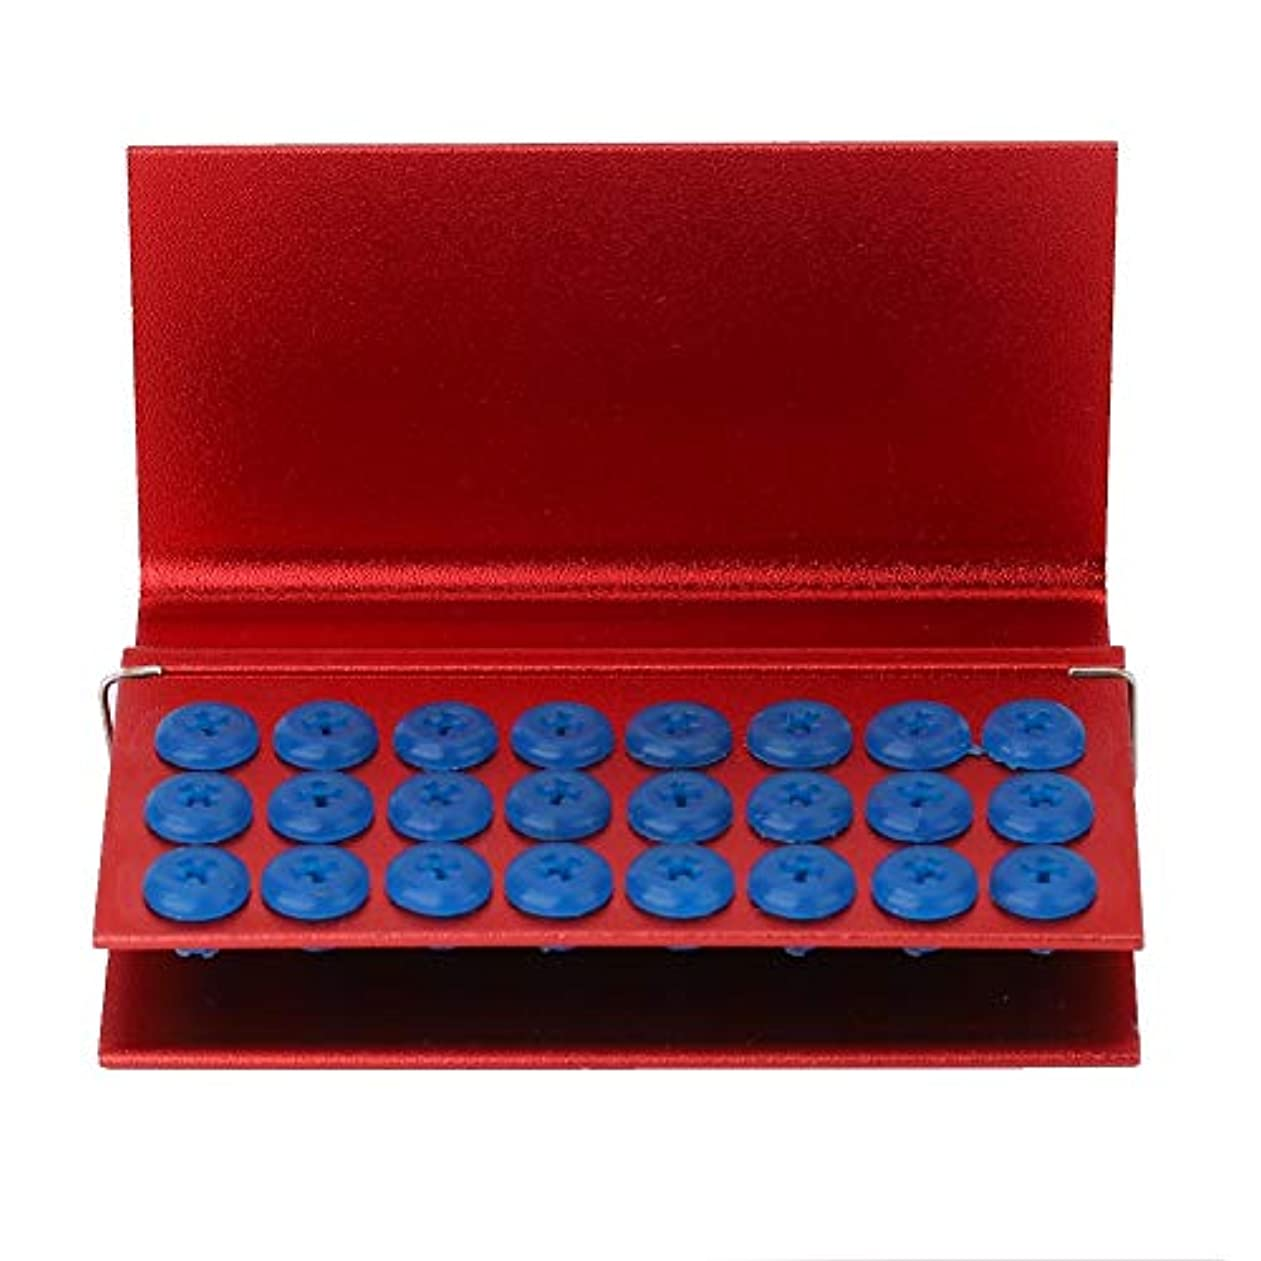 パンツ自動化聖歌歯科ダイヤモンドのBursの消毒、アルミ合金24の穴の消毒歯科ストロベリーPortablocksの消毒箱